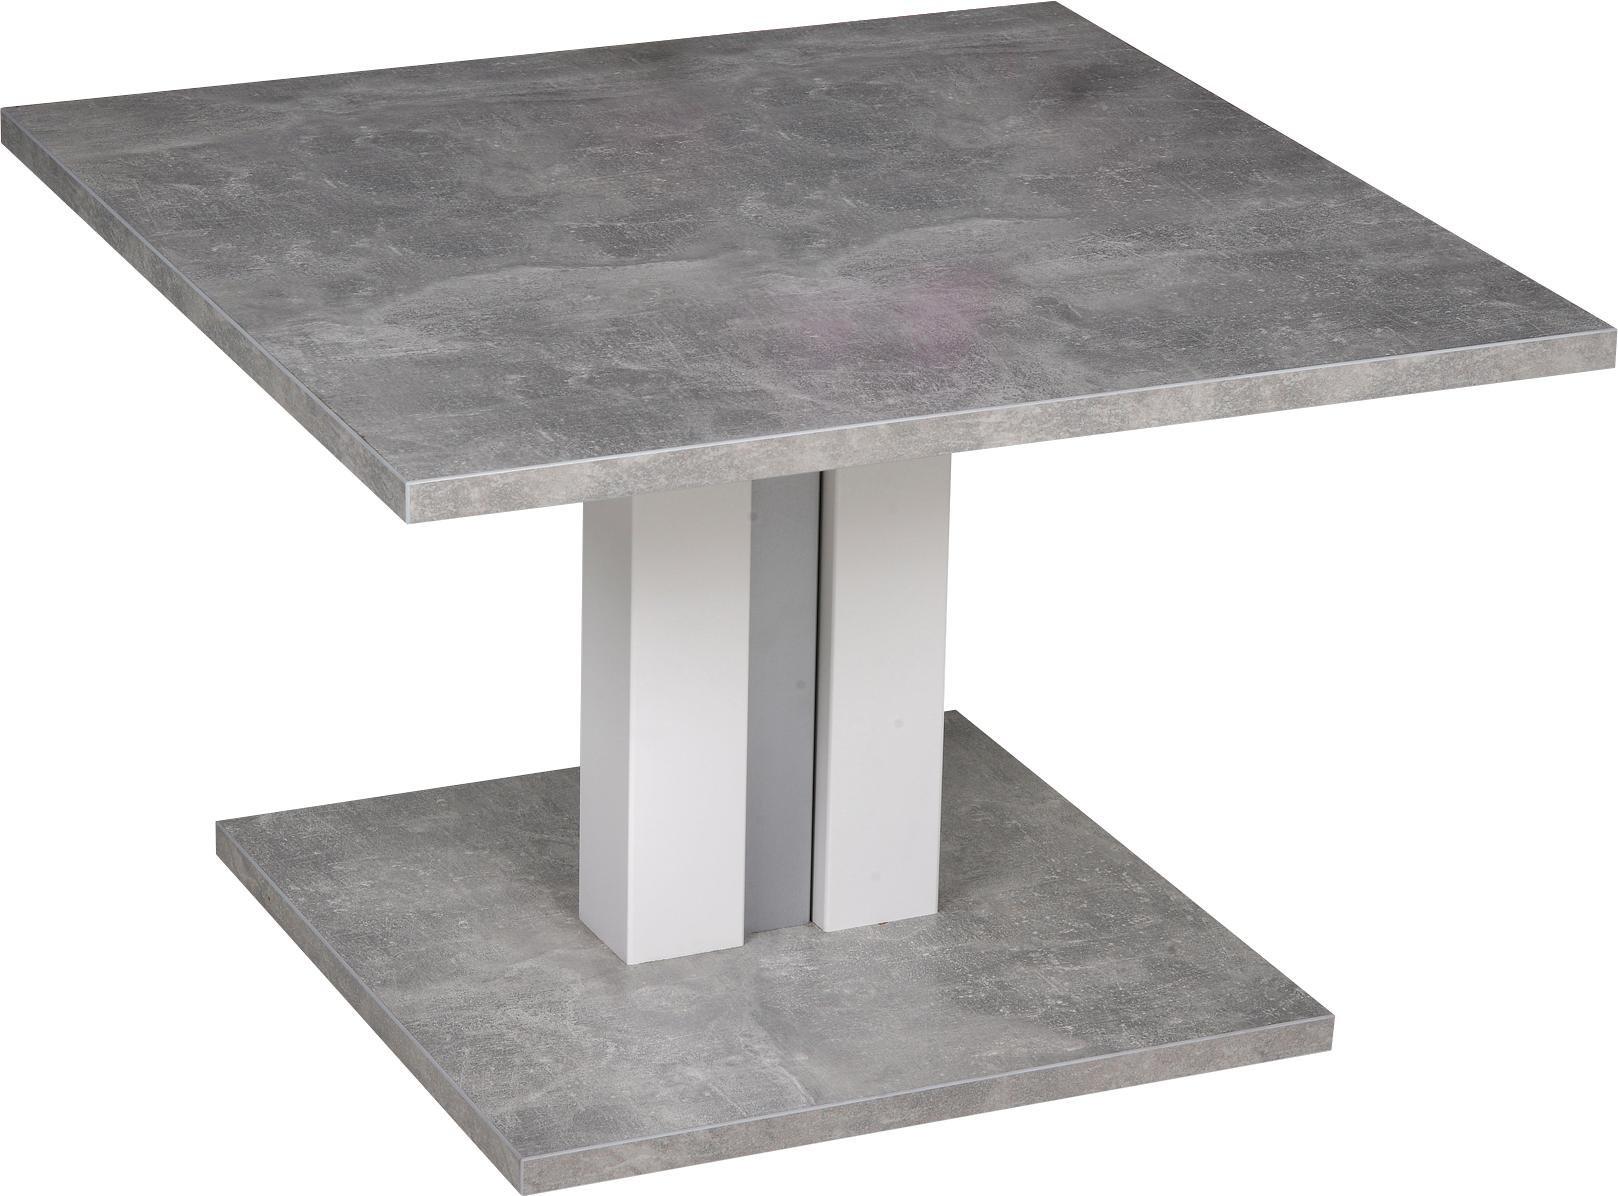 PRO Line salontafel in hoogte verstelbaar met lift - verschillende betaalmethodes